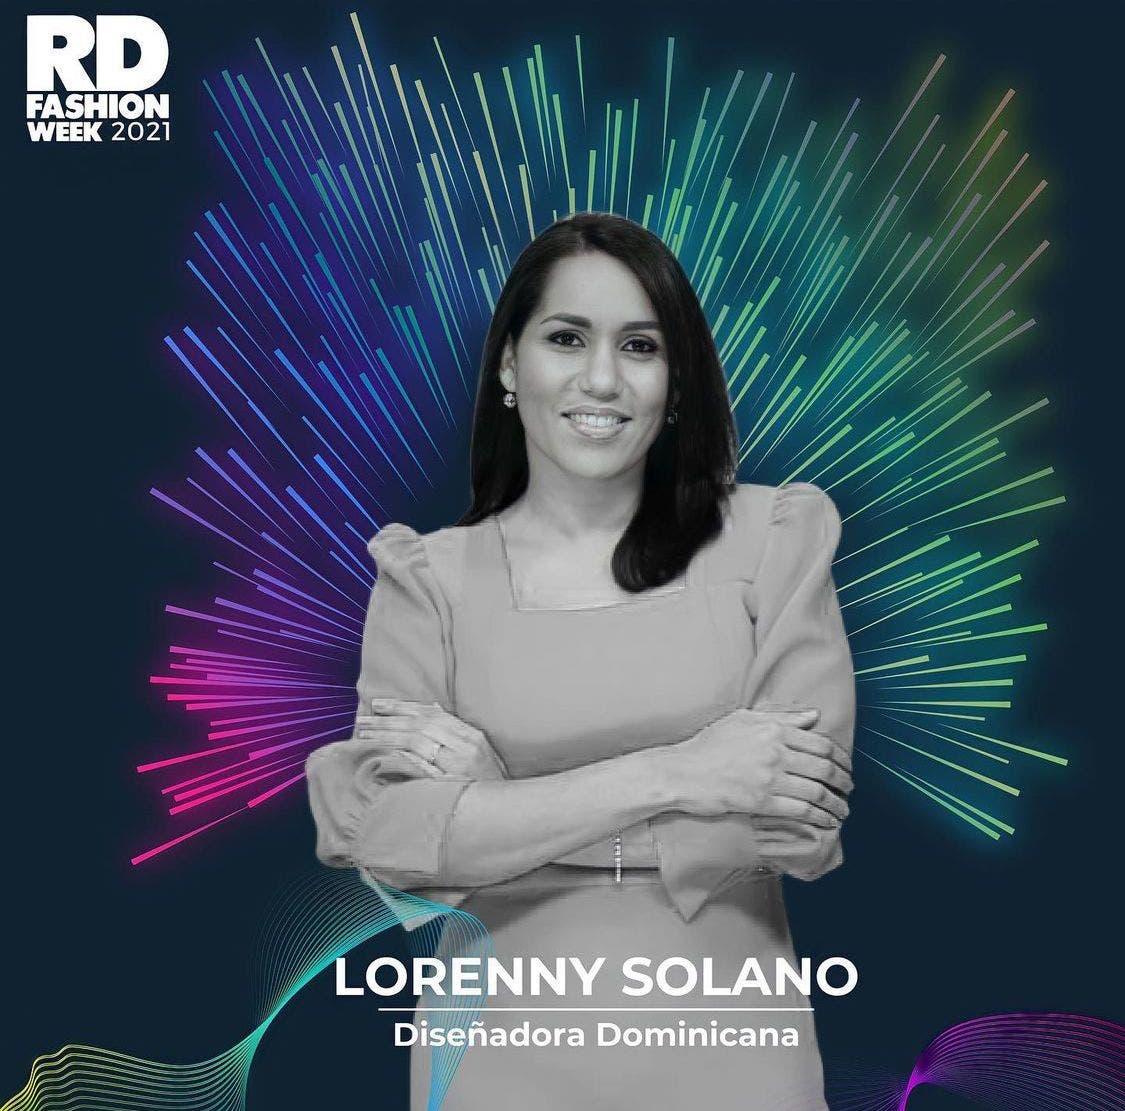 Lorenny Solano presenta la colección «Imparable» en RD Fashion Week